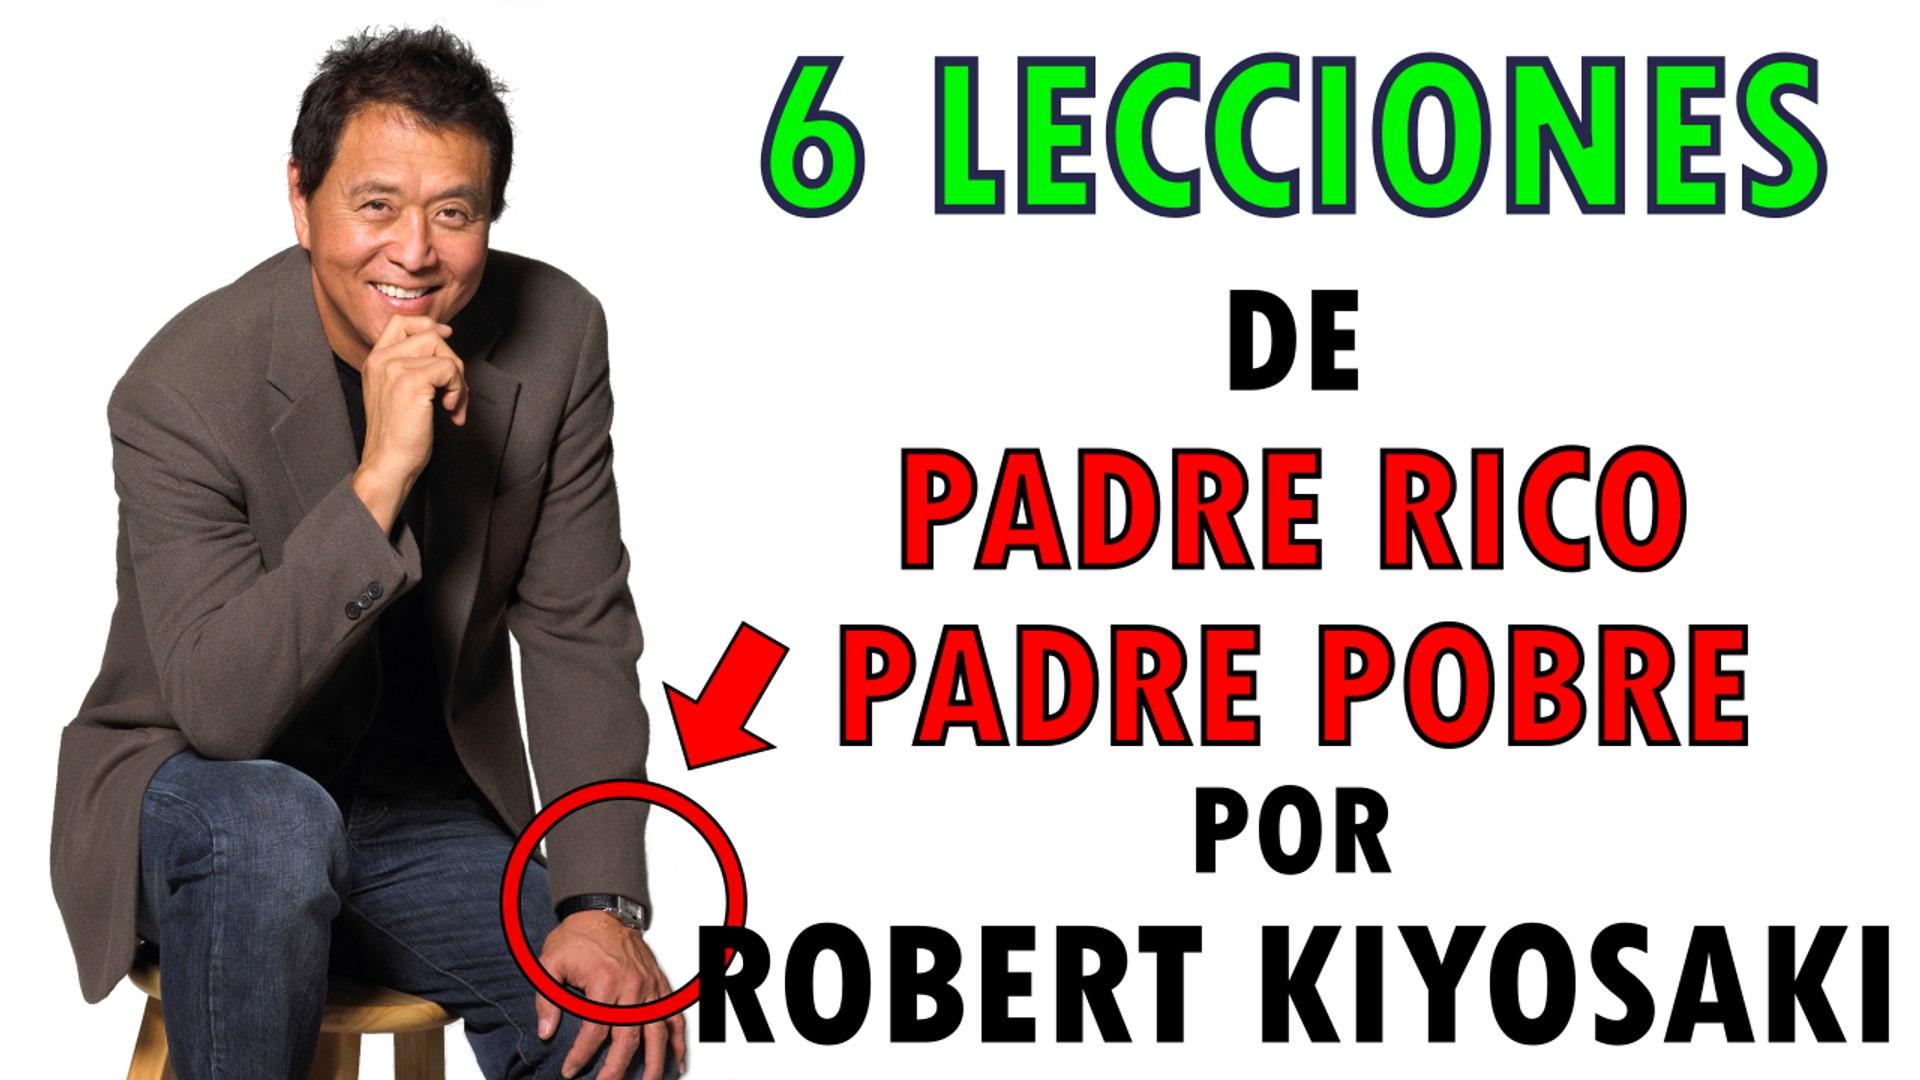 Padre Rico Padre Pobre 6 Lecciones De Robert Kiyosaki Para Hacerse Rico